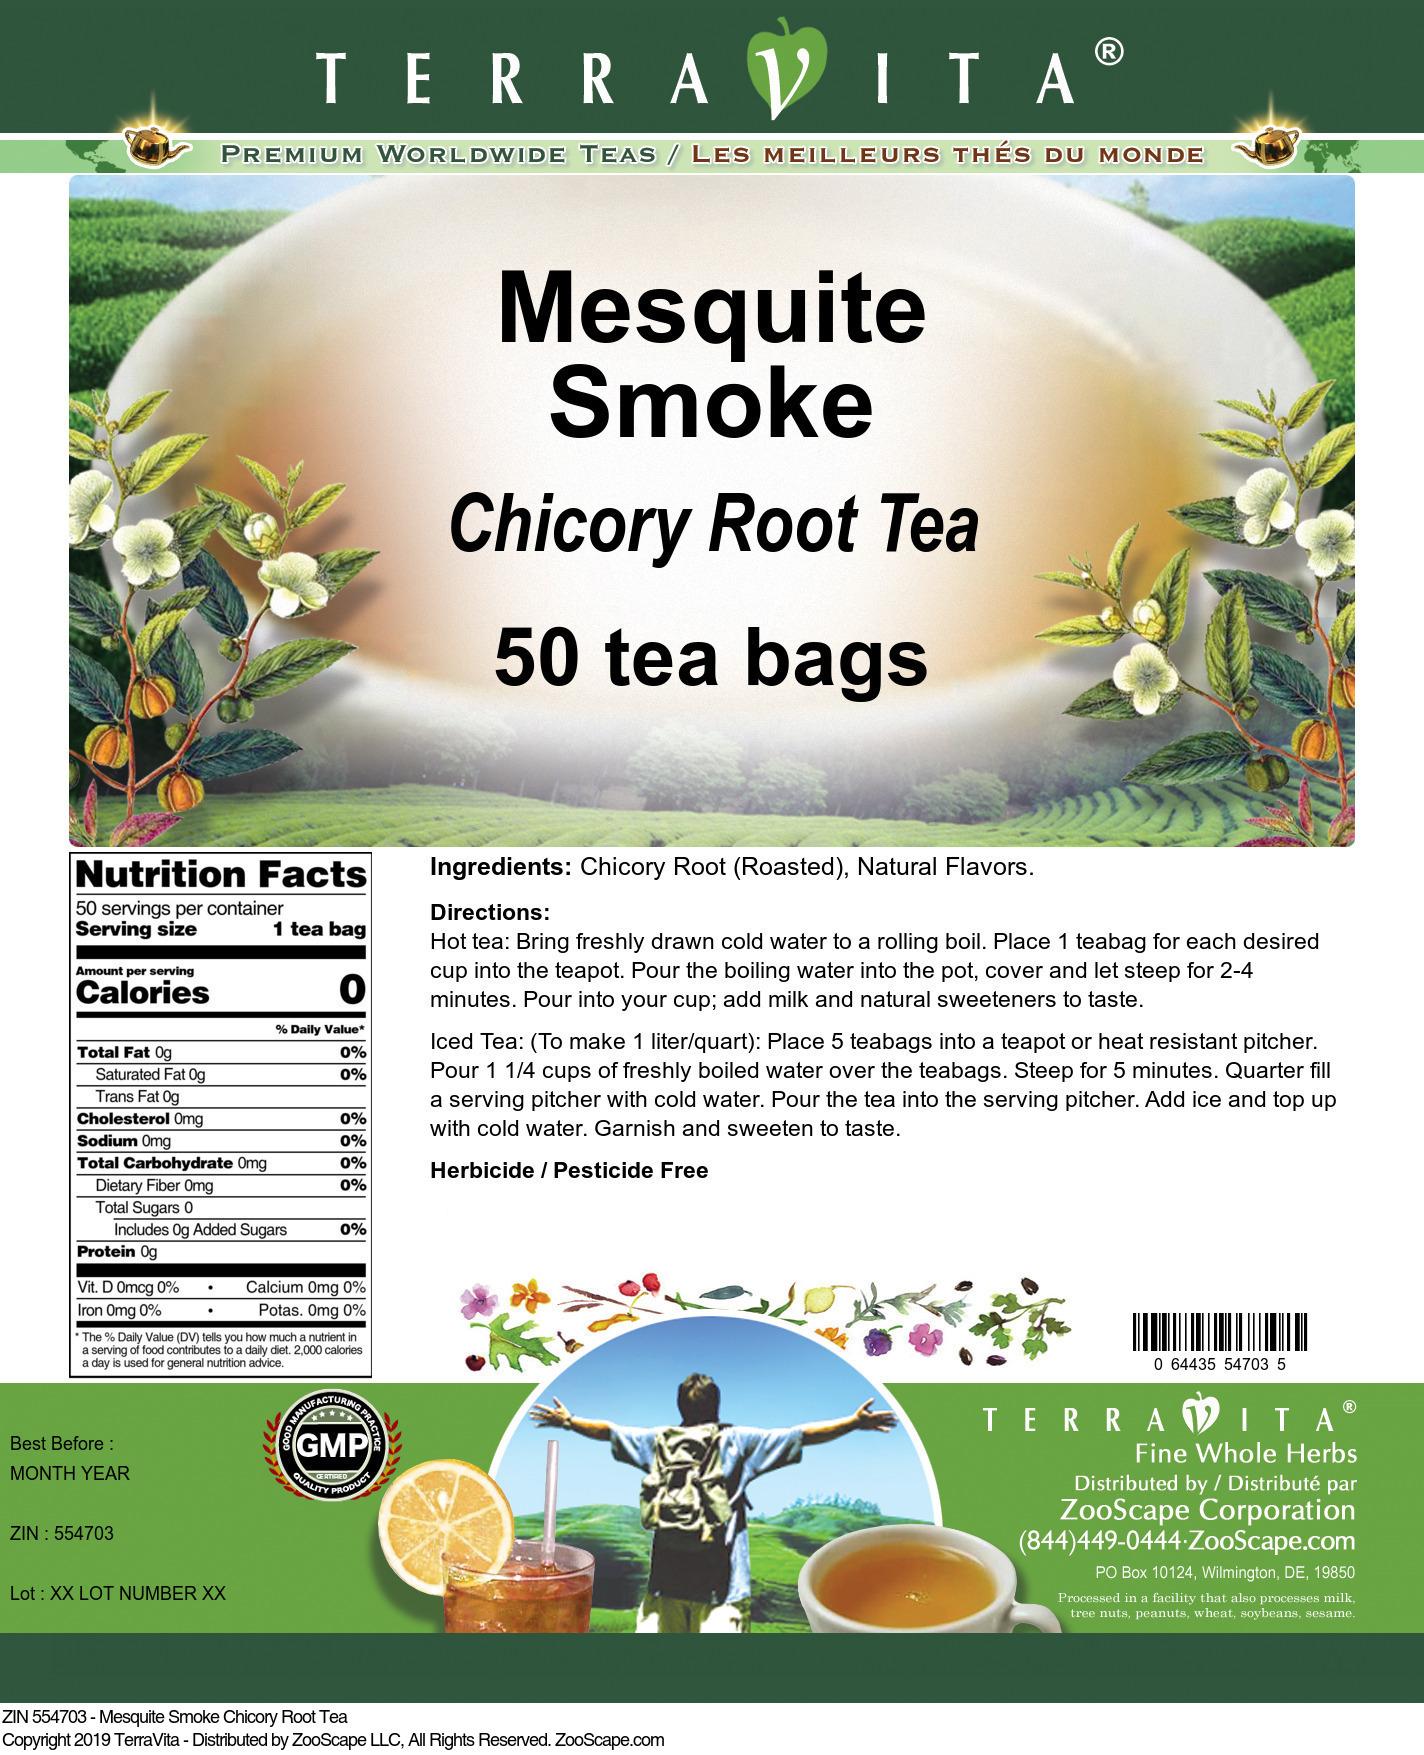 Mesquite Smoke Chicory Root